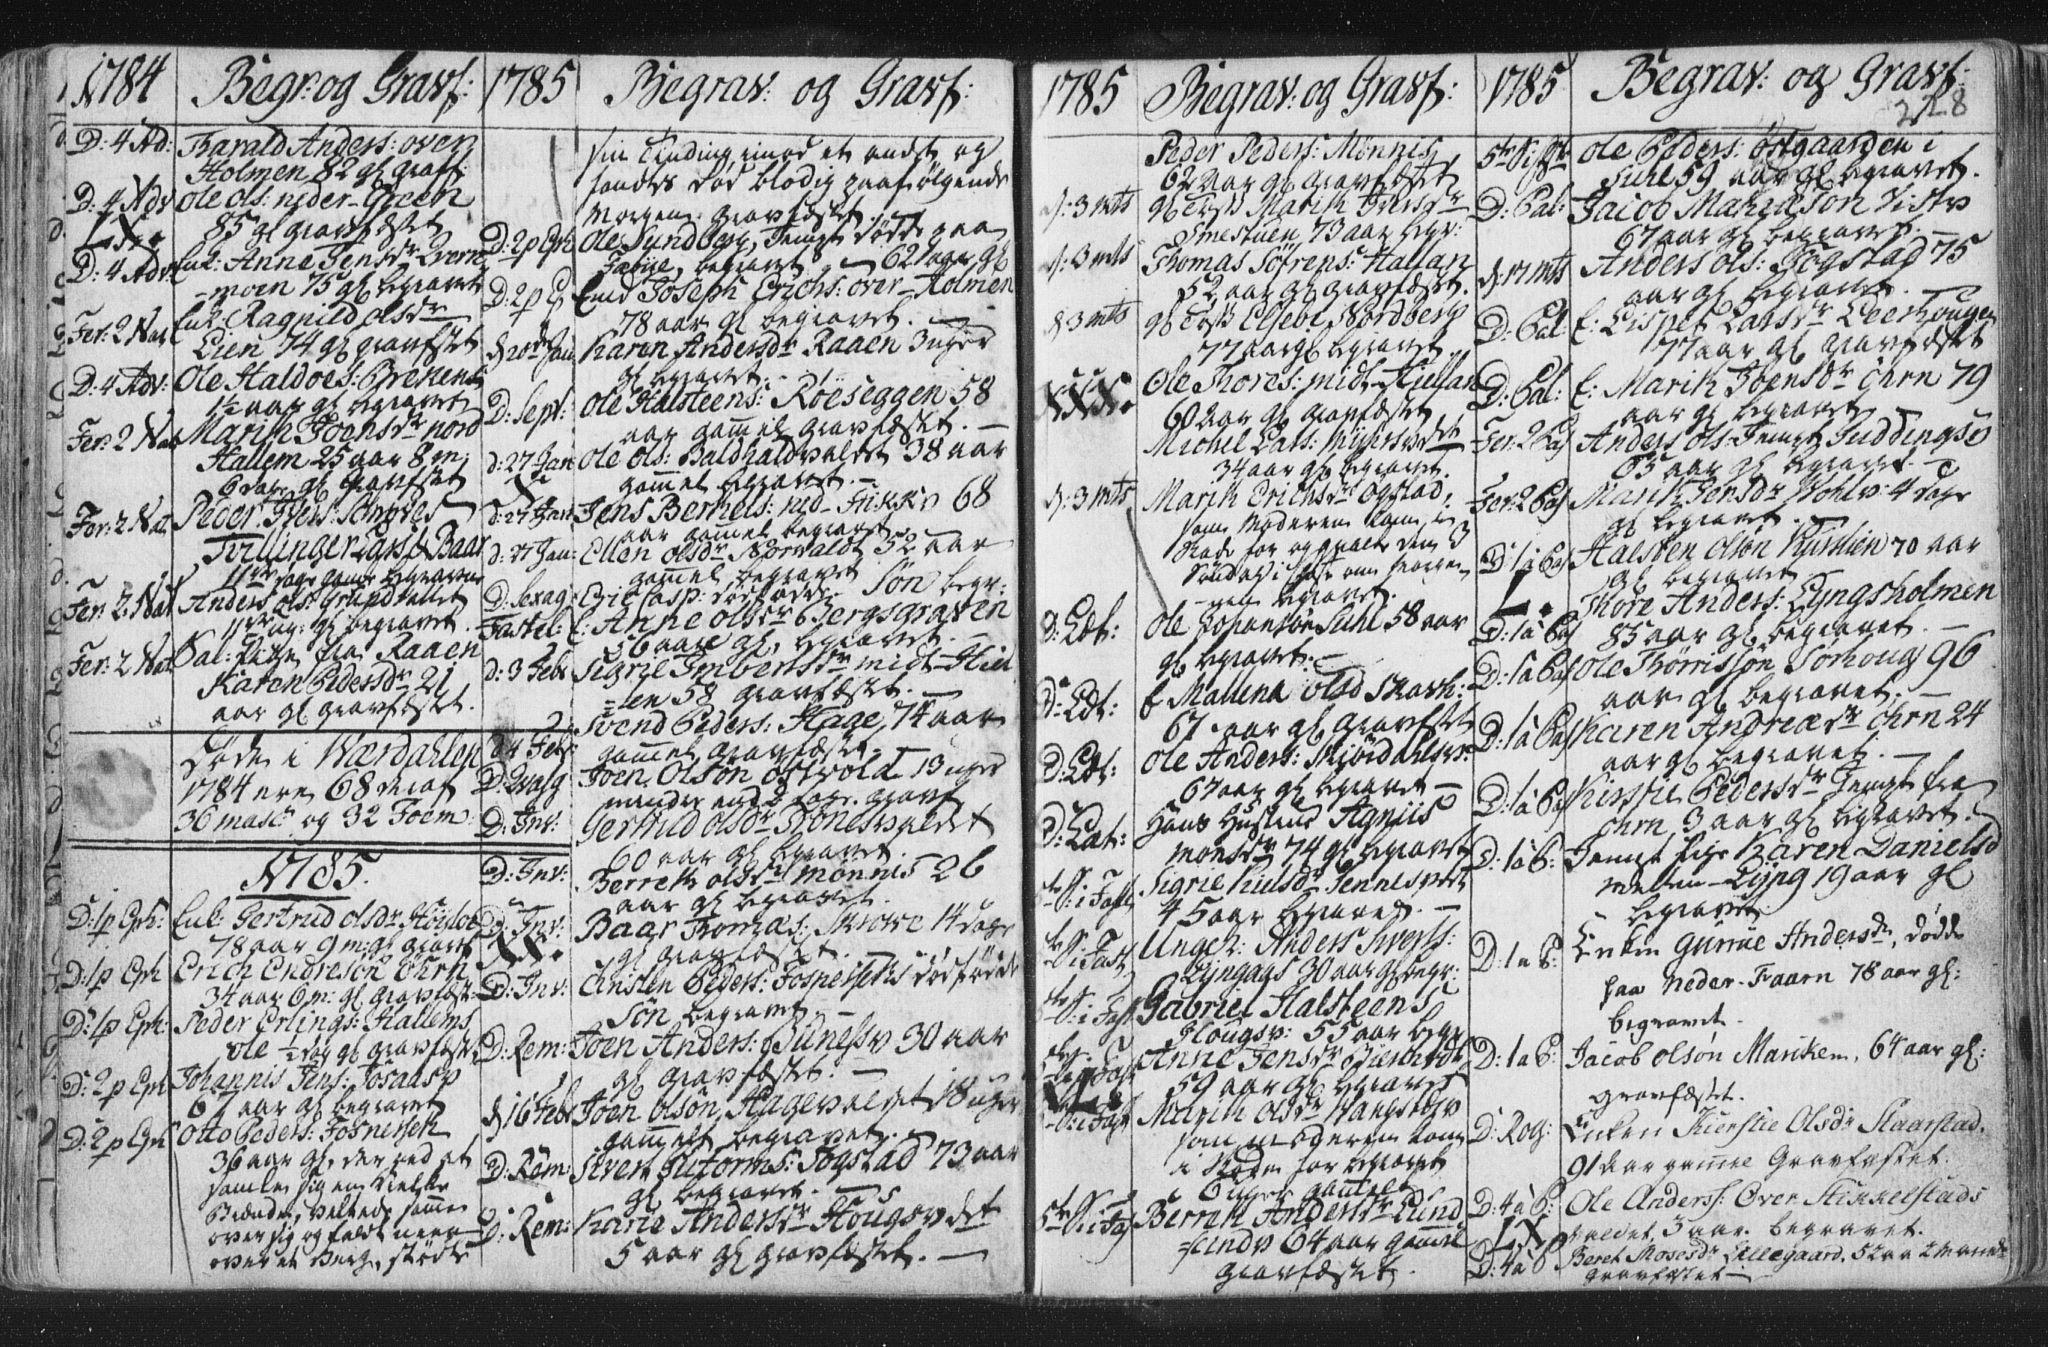 SAT, Ministerialprotokoller, klokkerbøker og fødselsregistre - Nord-Trøndelag, 723/L0232: Ministerialbok nr. 723A03, 1781-1804, s. 228